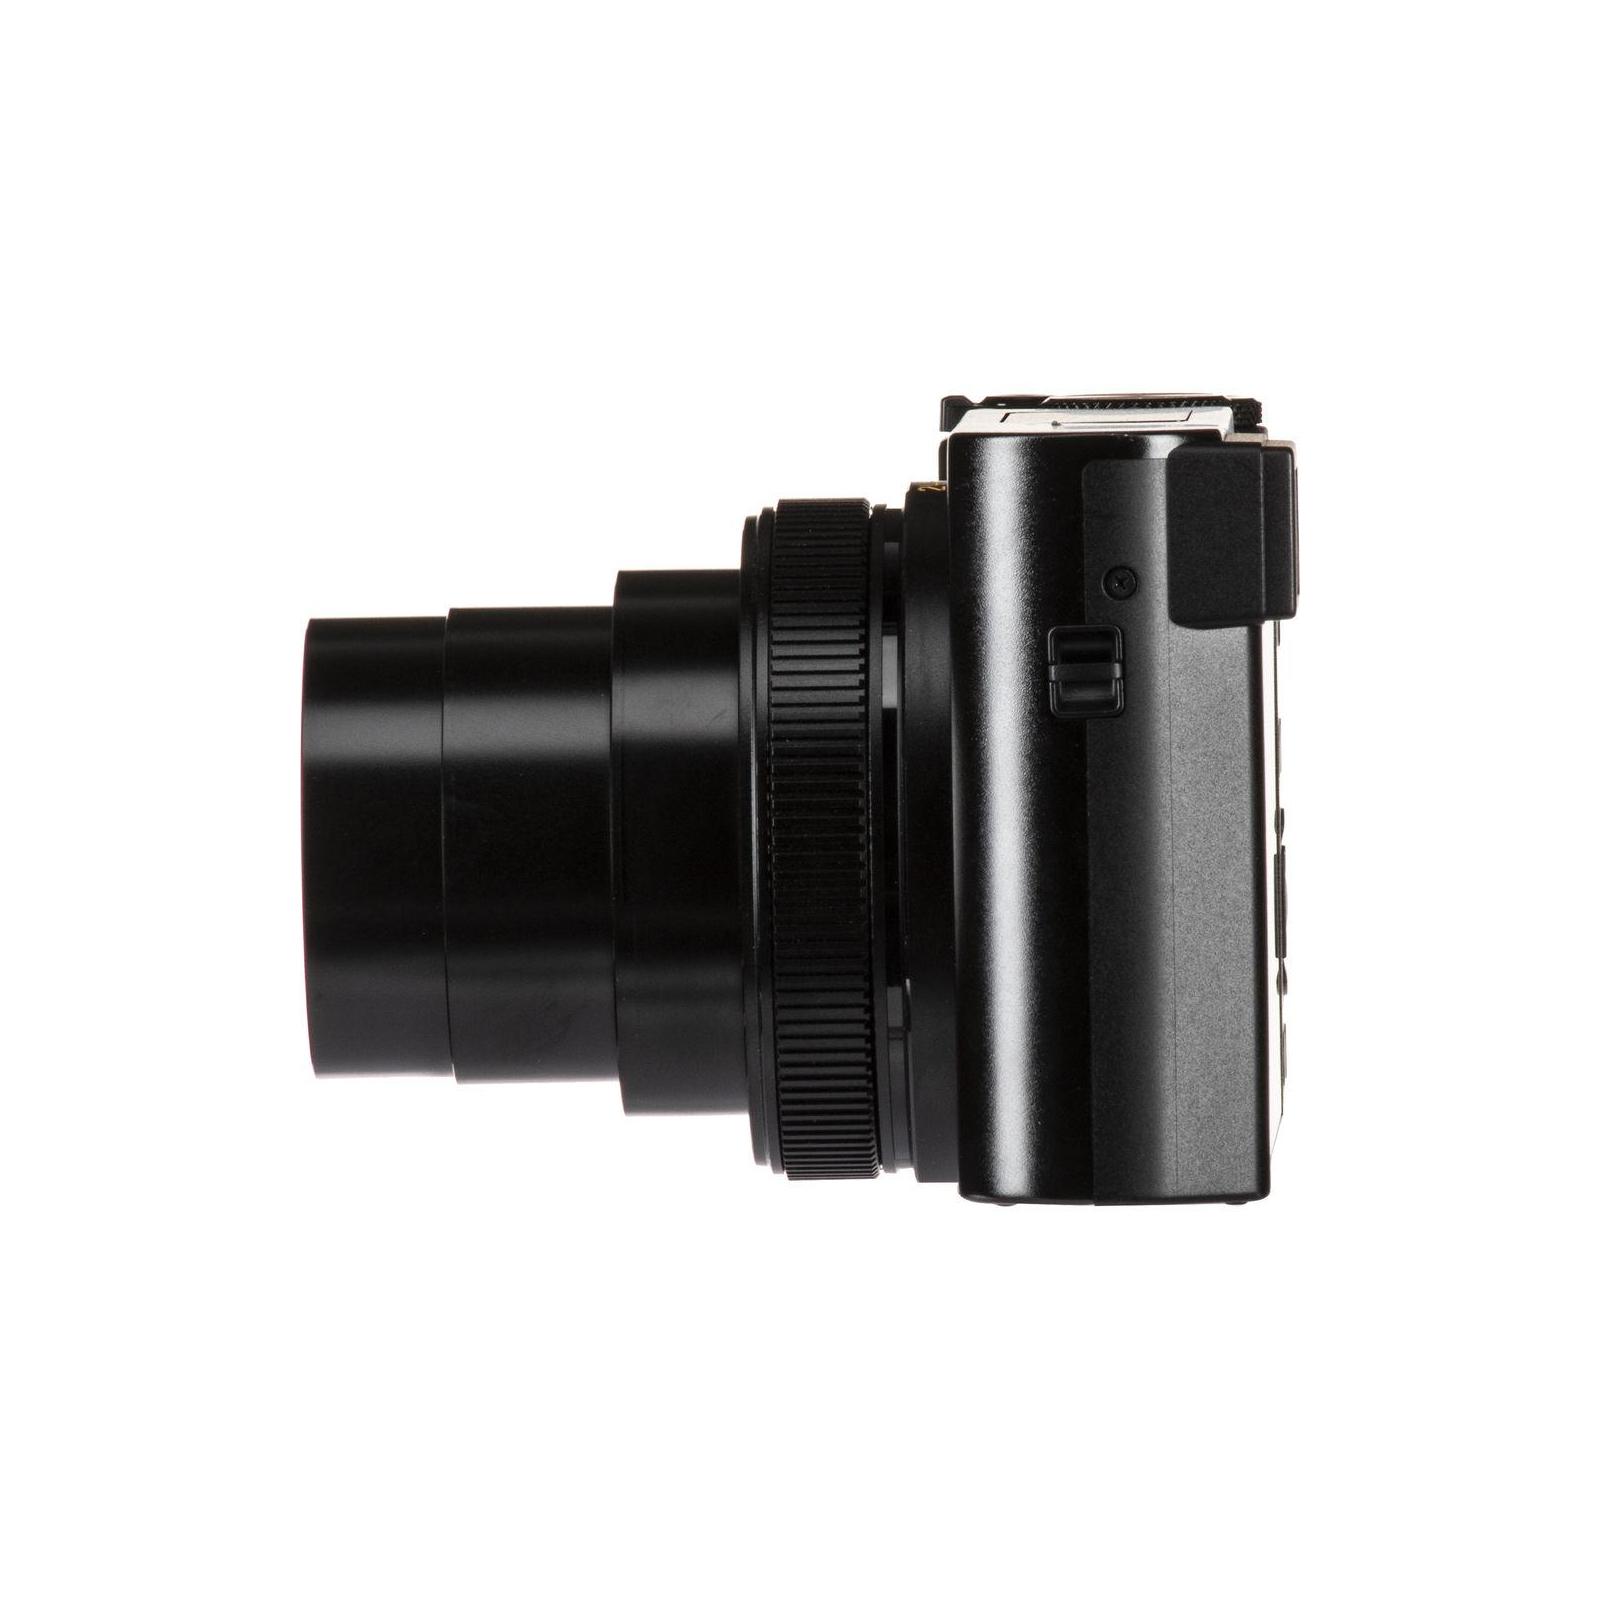 Цифровой фотоаппарат PANASONIC LUMIX DC-TZ200 Black (DC-TZ200EE-K) изображение 5